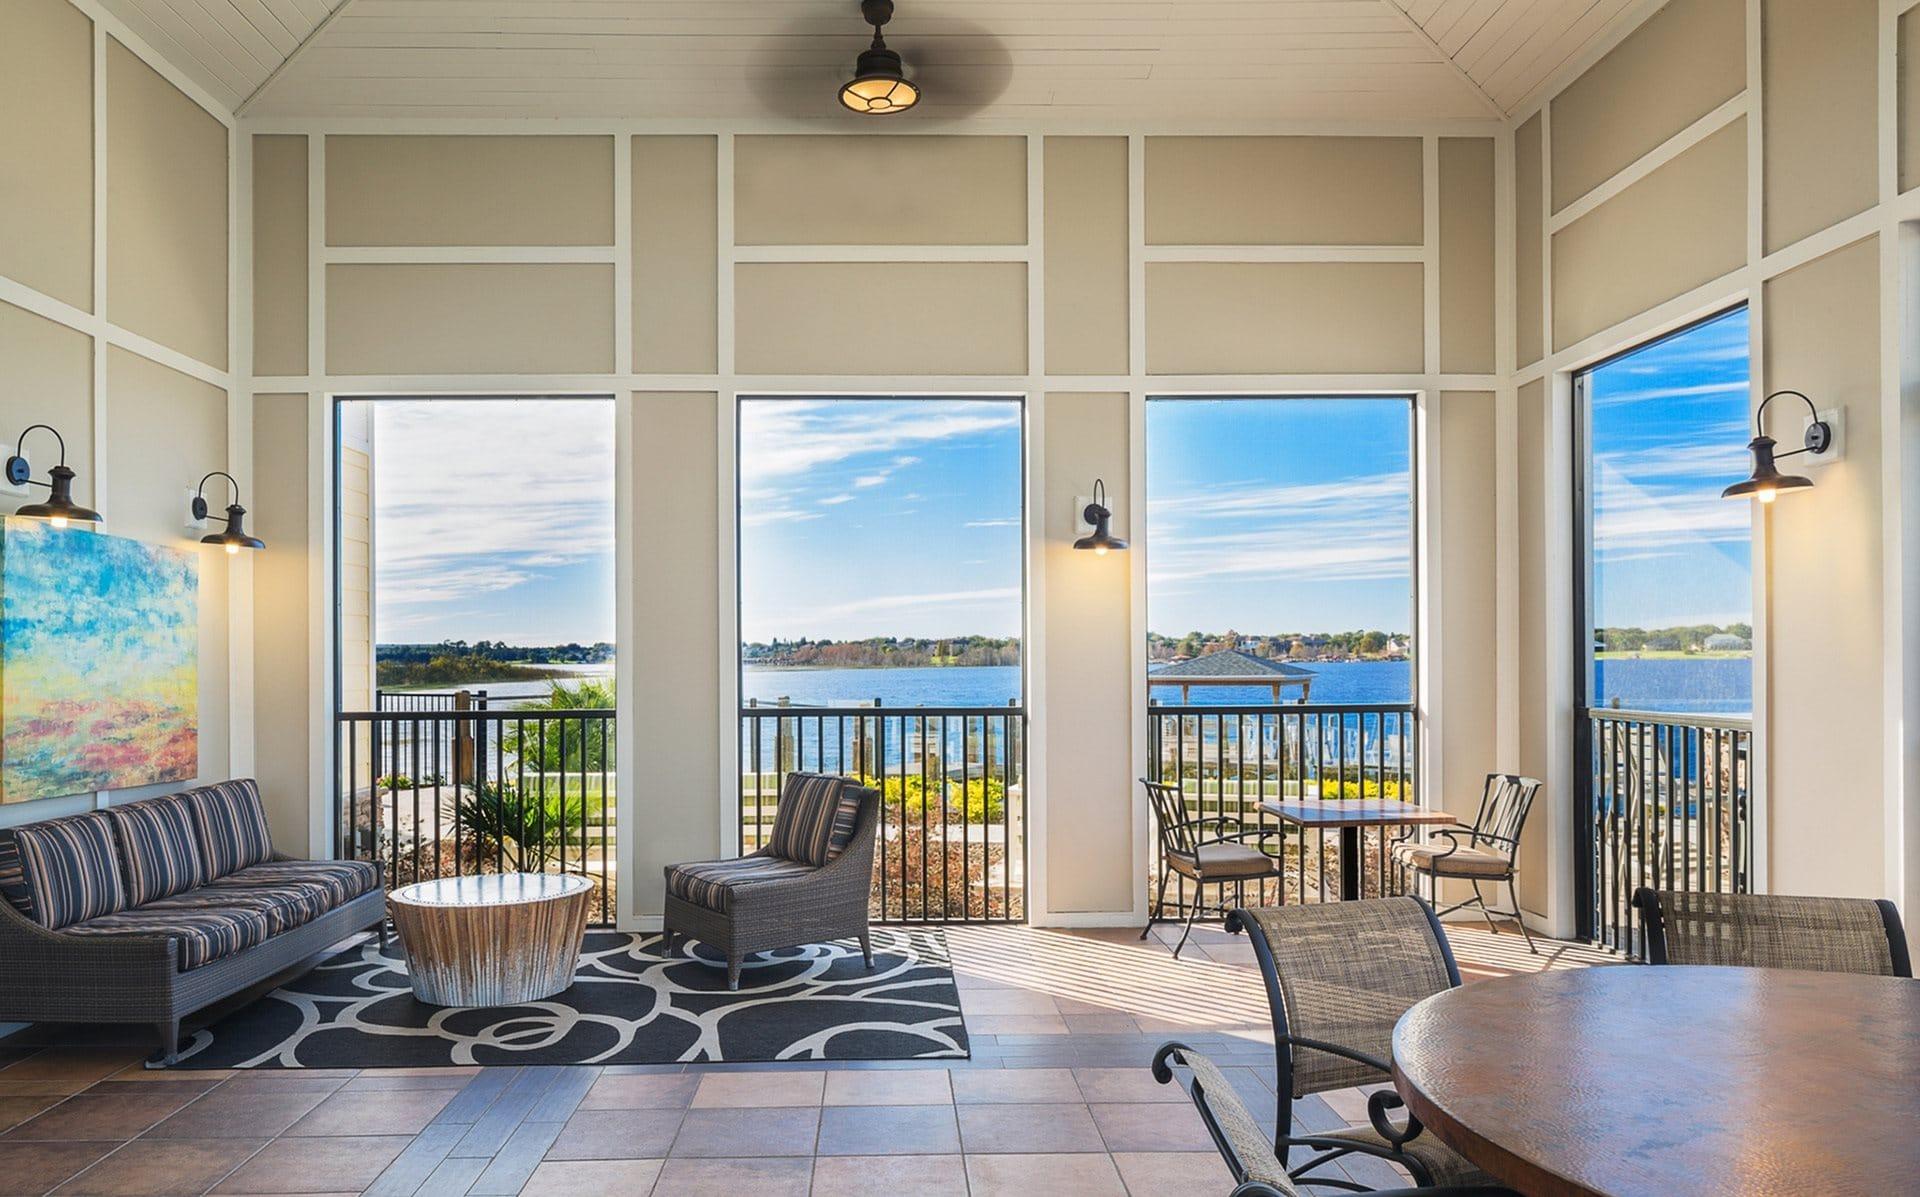 acheter une maison avec vue sur un lac en Floride